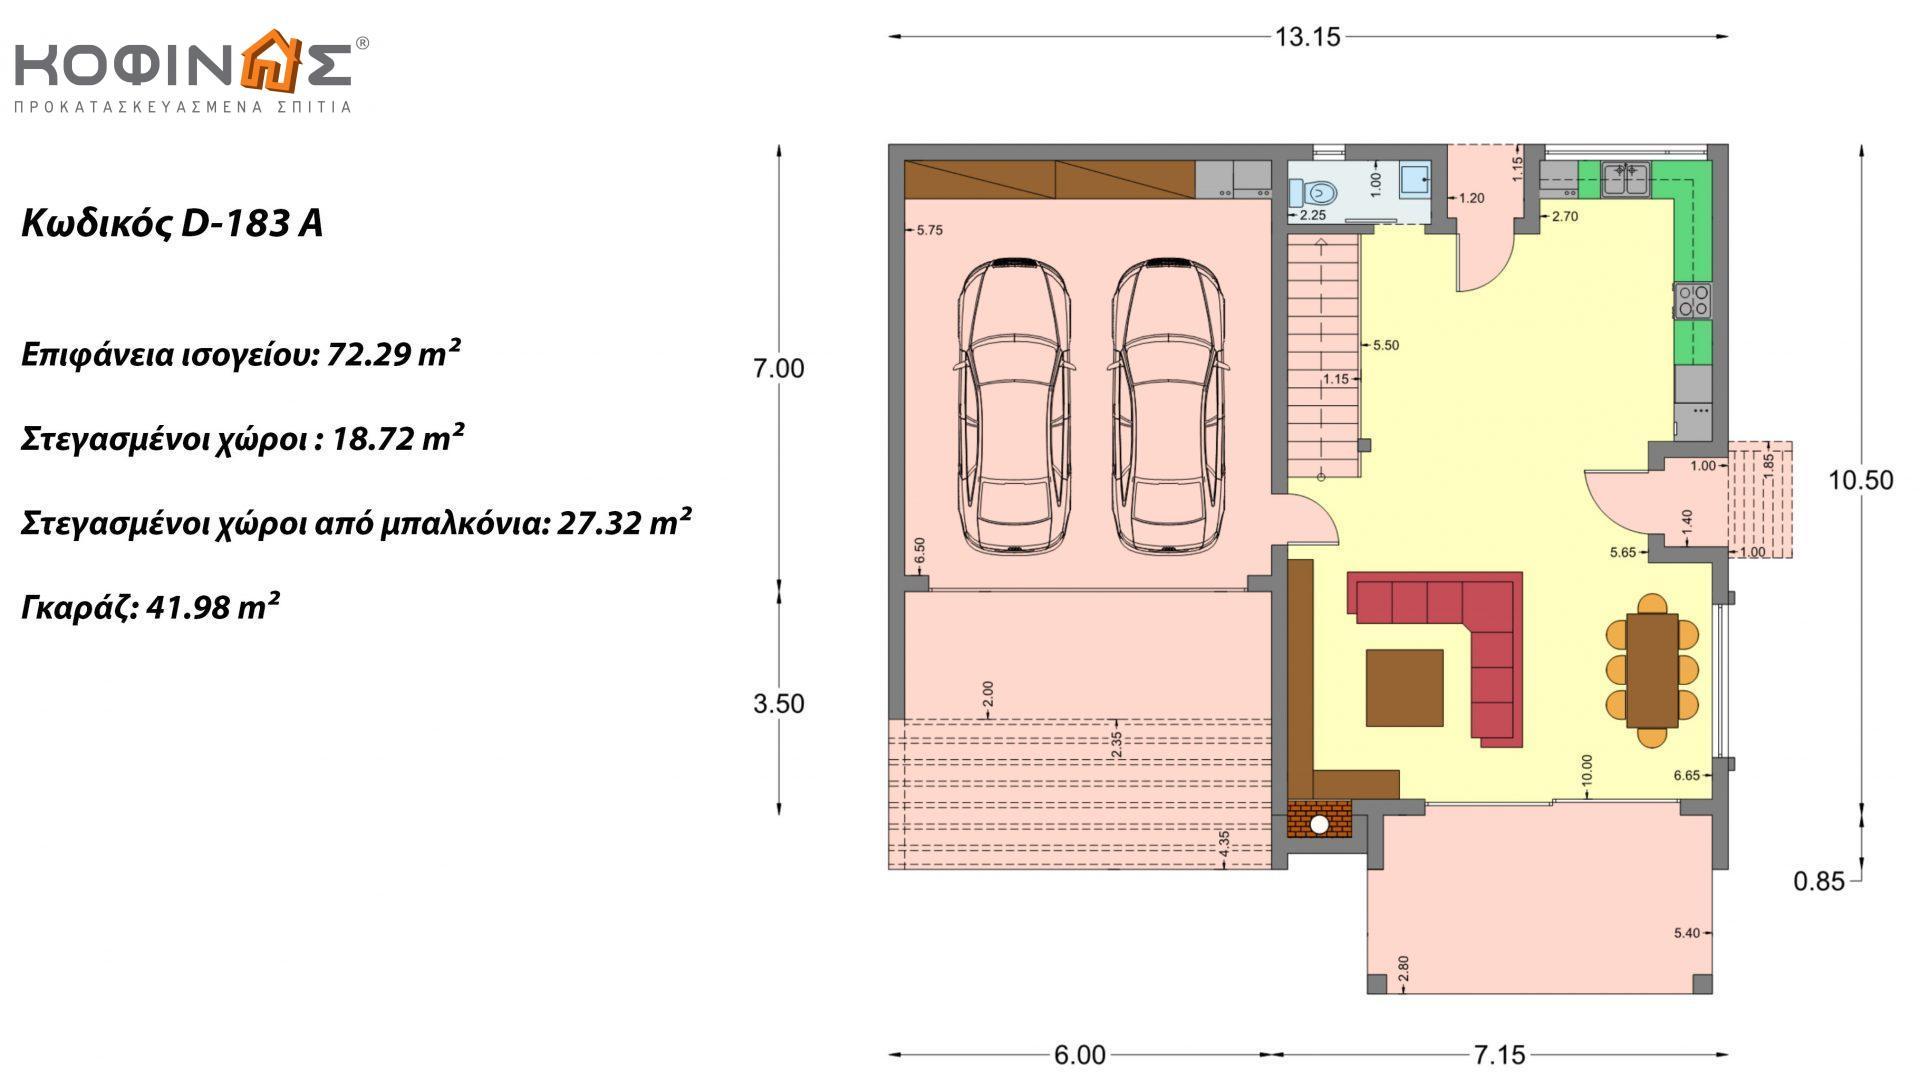 Διώροφη κατοικία D 183Α, συνολικής επιφάνειας 183,77 τ.μ.,+Γκαράζ 41,98 m²(=225,75 m²), στεγασμένοι χώροι 64,39 τ.μ., και μπαλκόνια 32.9 τ.μ.